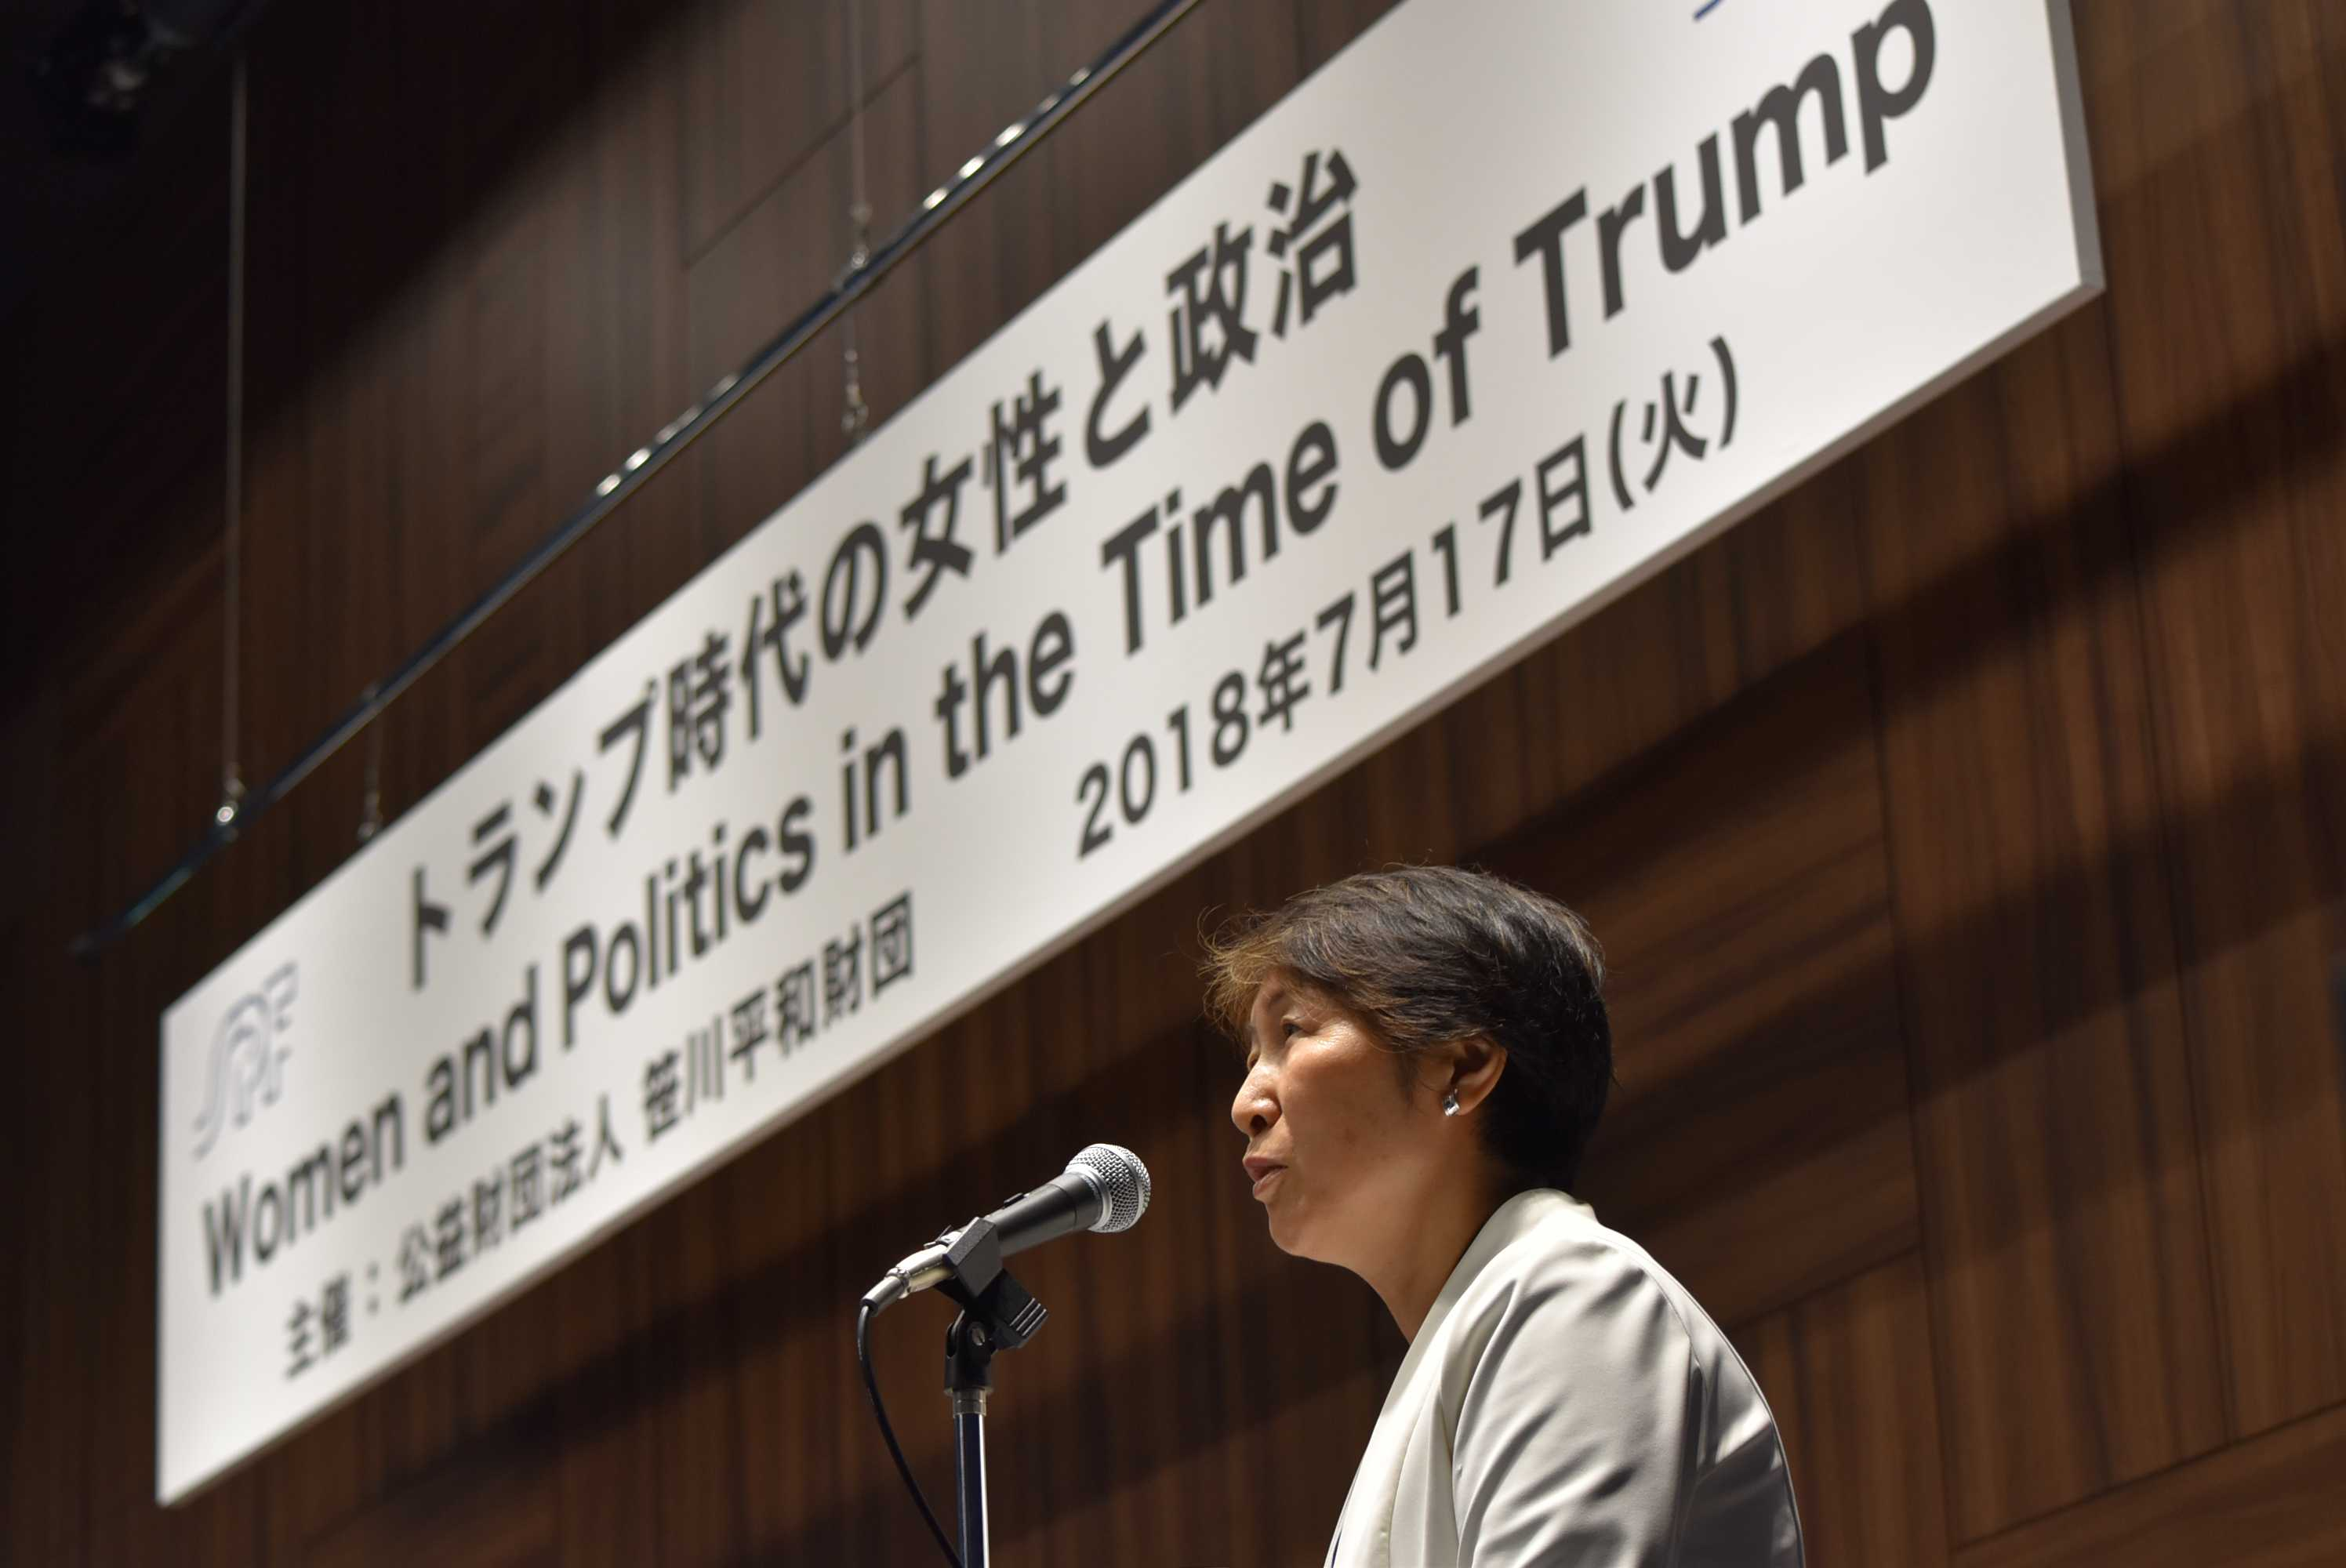 笹川平和財団の茶野順子常務理事